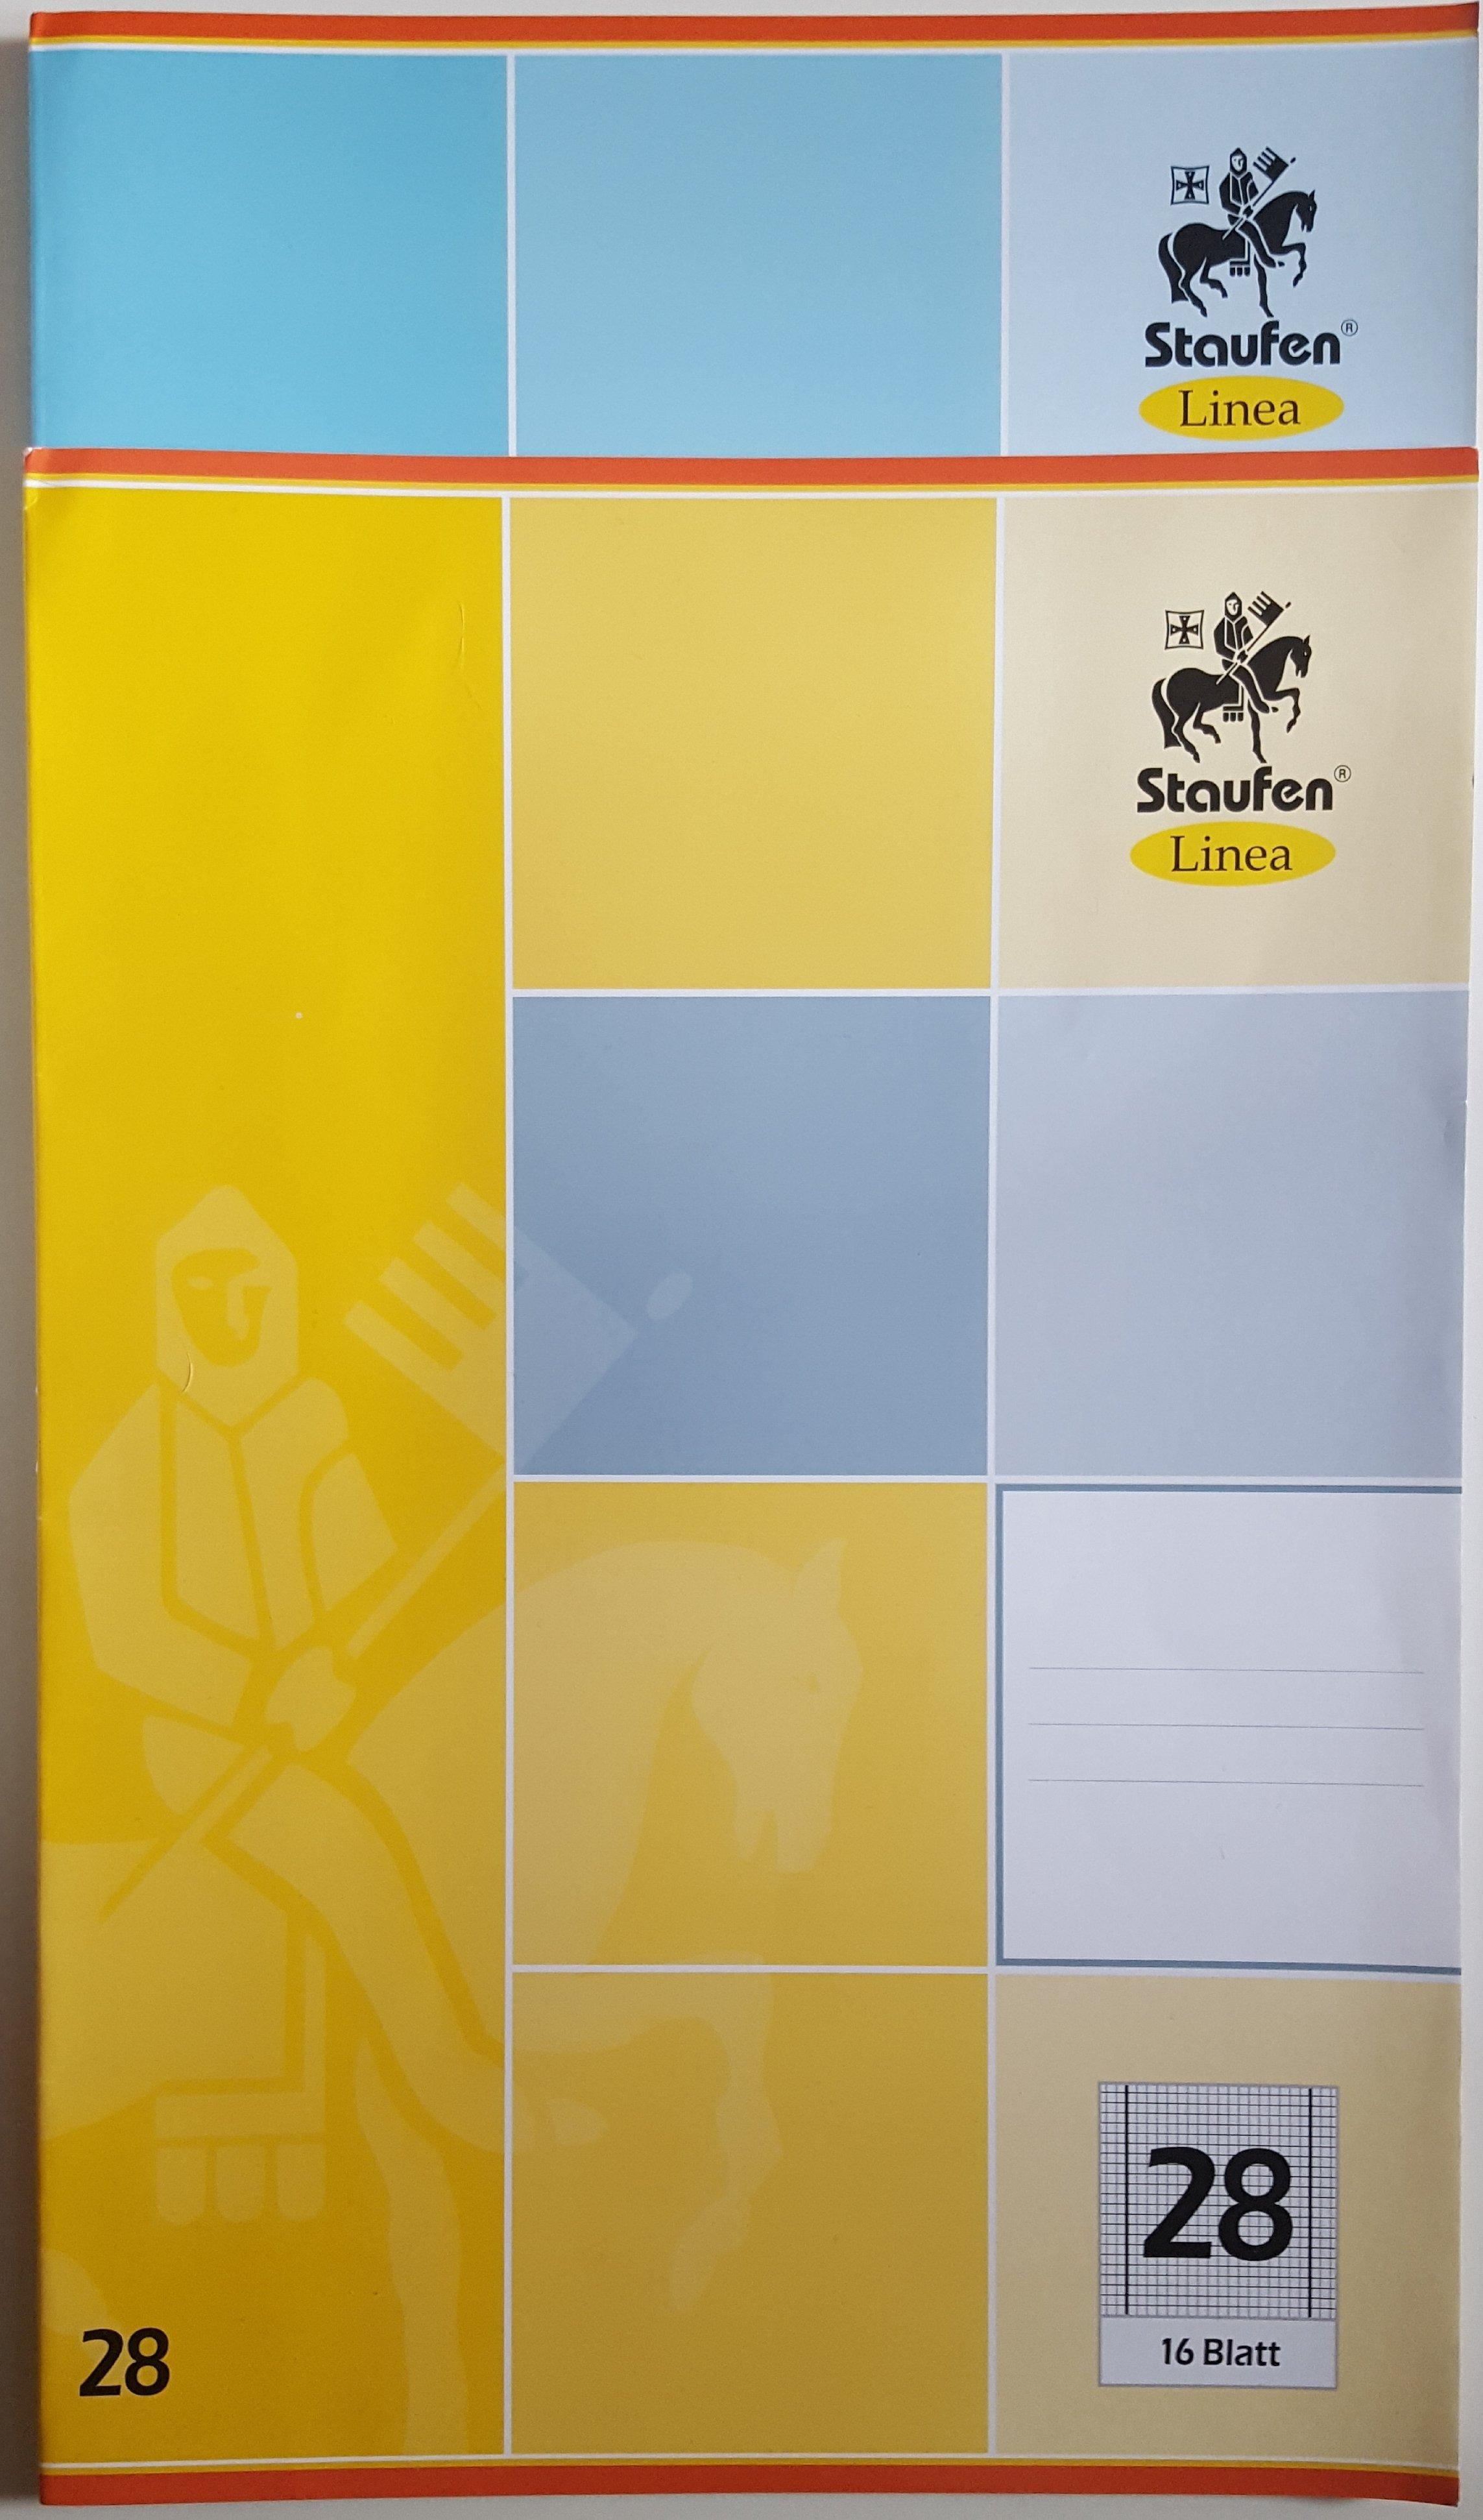 5er Set Schulheft  Staufen Linea  DIN A4 16.Blatt Lineatur 28  kariert Innen und Außenrand 301